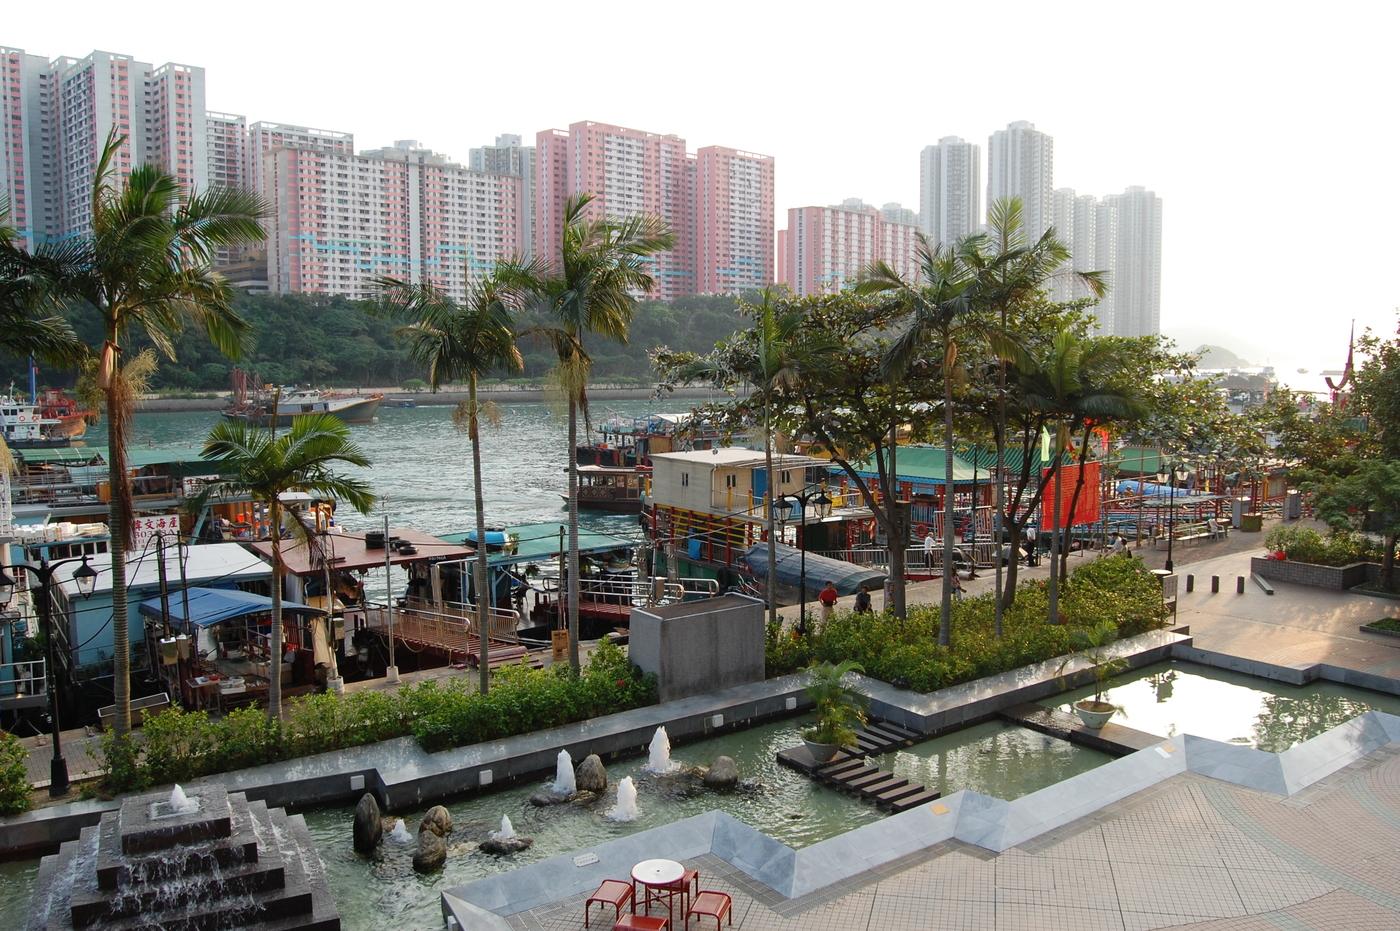 Aberdeen Hong Kong promenade